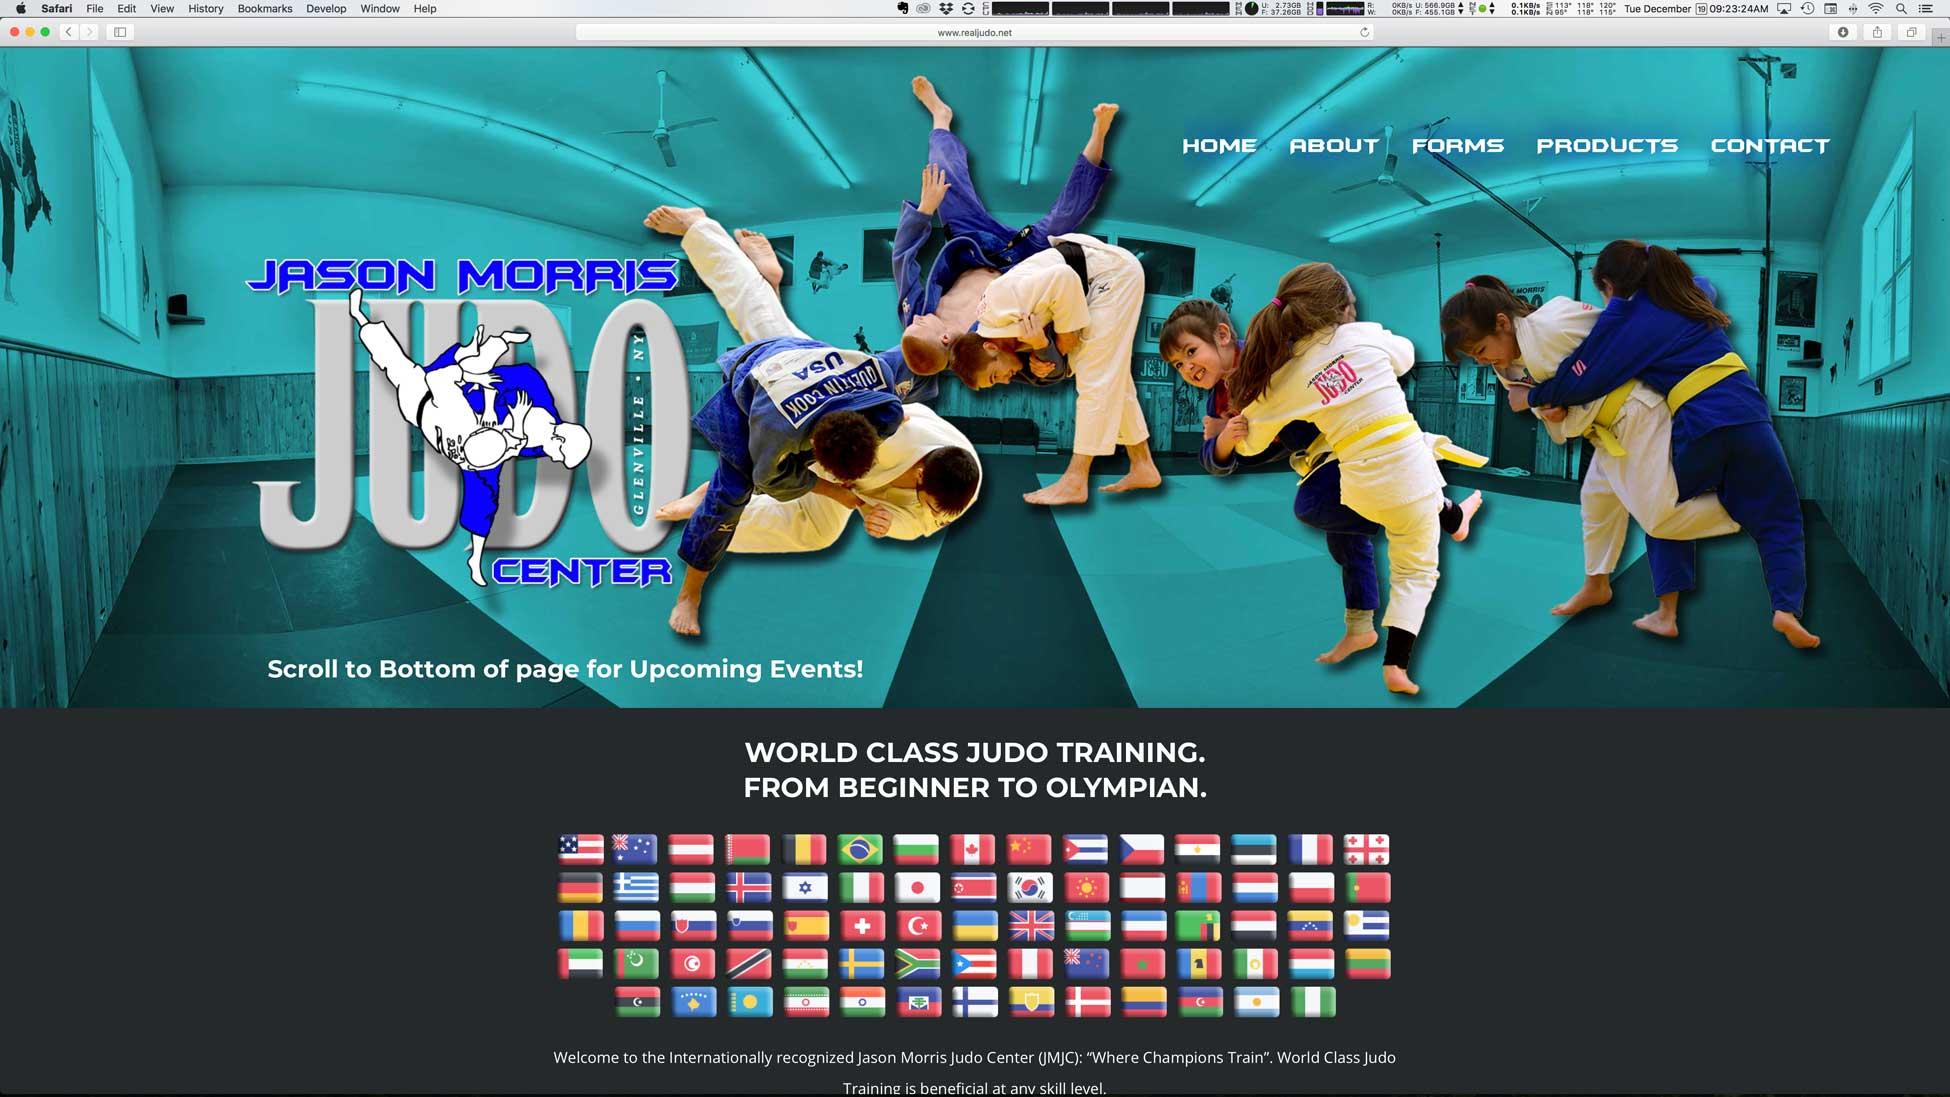 Image of Jason Morris Judo of Glenville, New York website homepage.